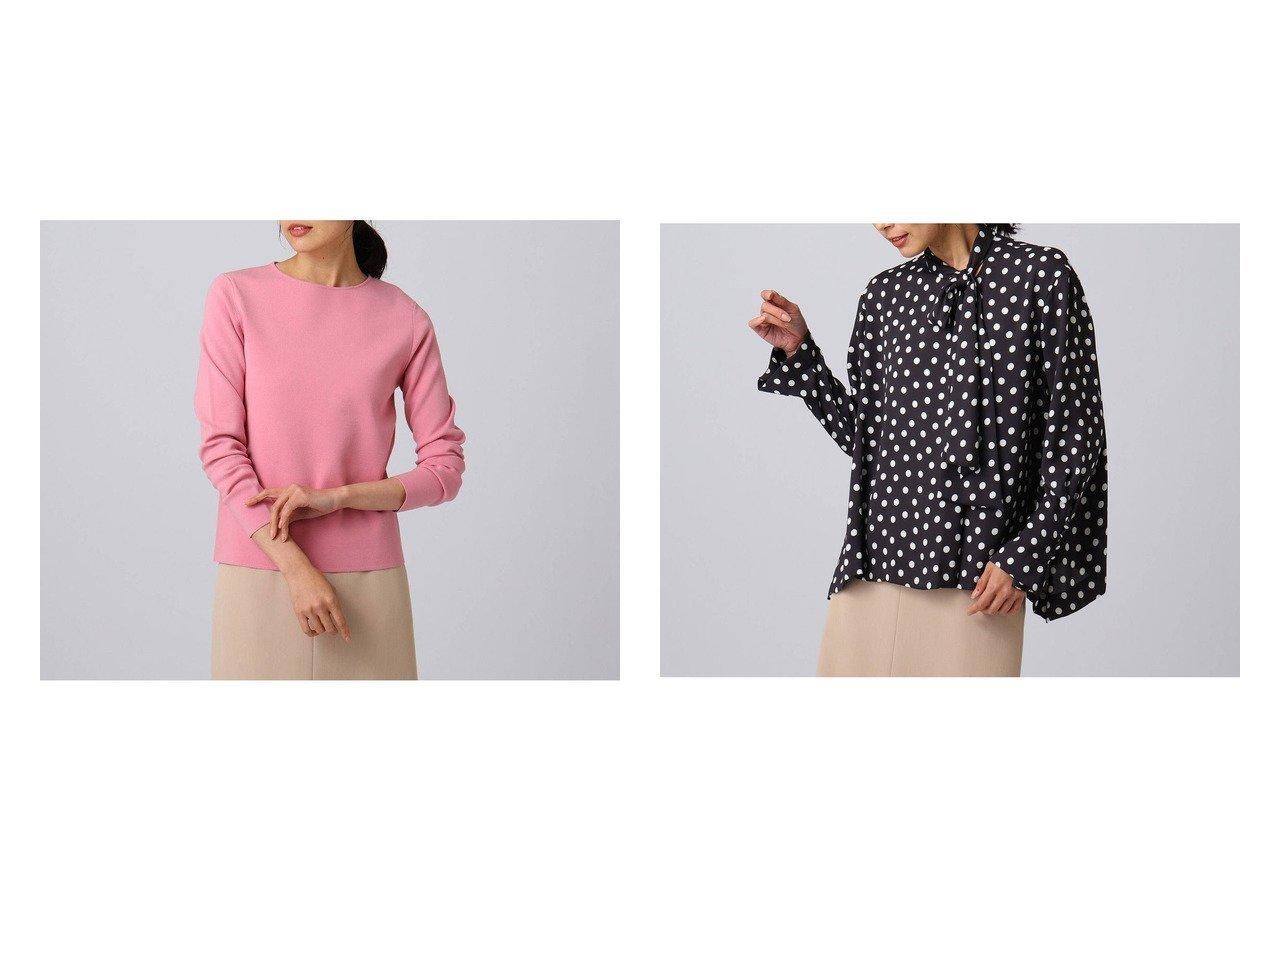 【UNTITLED/アンタイトル】のレーヨンシルクストレッチプルオーバー&プランタンバックサテンブラウス UNTITLEDのおすすめ!人気、トレンド・レディースファッションの通販 おすすめで人気の流行・トレンド、ファッションの通販商品 メンズファッション・キッズファッション・インテリア・家具・レディースファッション・服の通販 founy(ファニー) https://founy.com/ ファッション Fashion レディースファッション WOMEN トップス カットソー Tops Tshirt プルオーバー Pullover シャツ/ブラウス Shirts Blouses バッグ Bag 2021年 2021 2021 春夏 S/S SS Spring/Summer 2021 S/S 春夏 SS Spring/Summer インナー コンパクト 春 Spring |ID:crp329100000019957